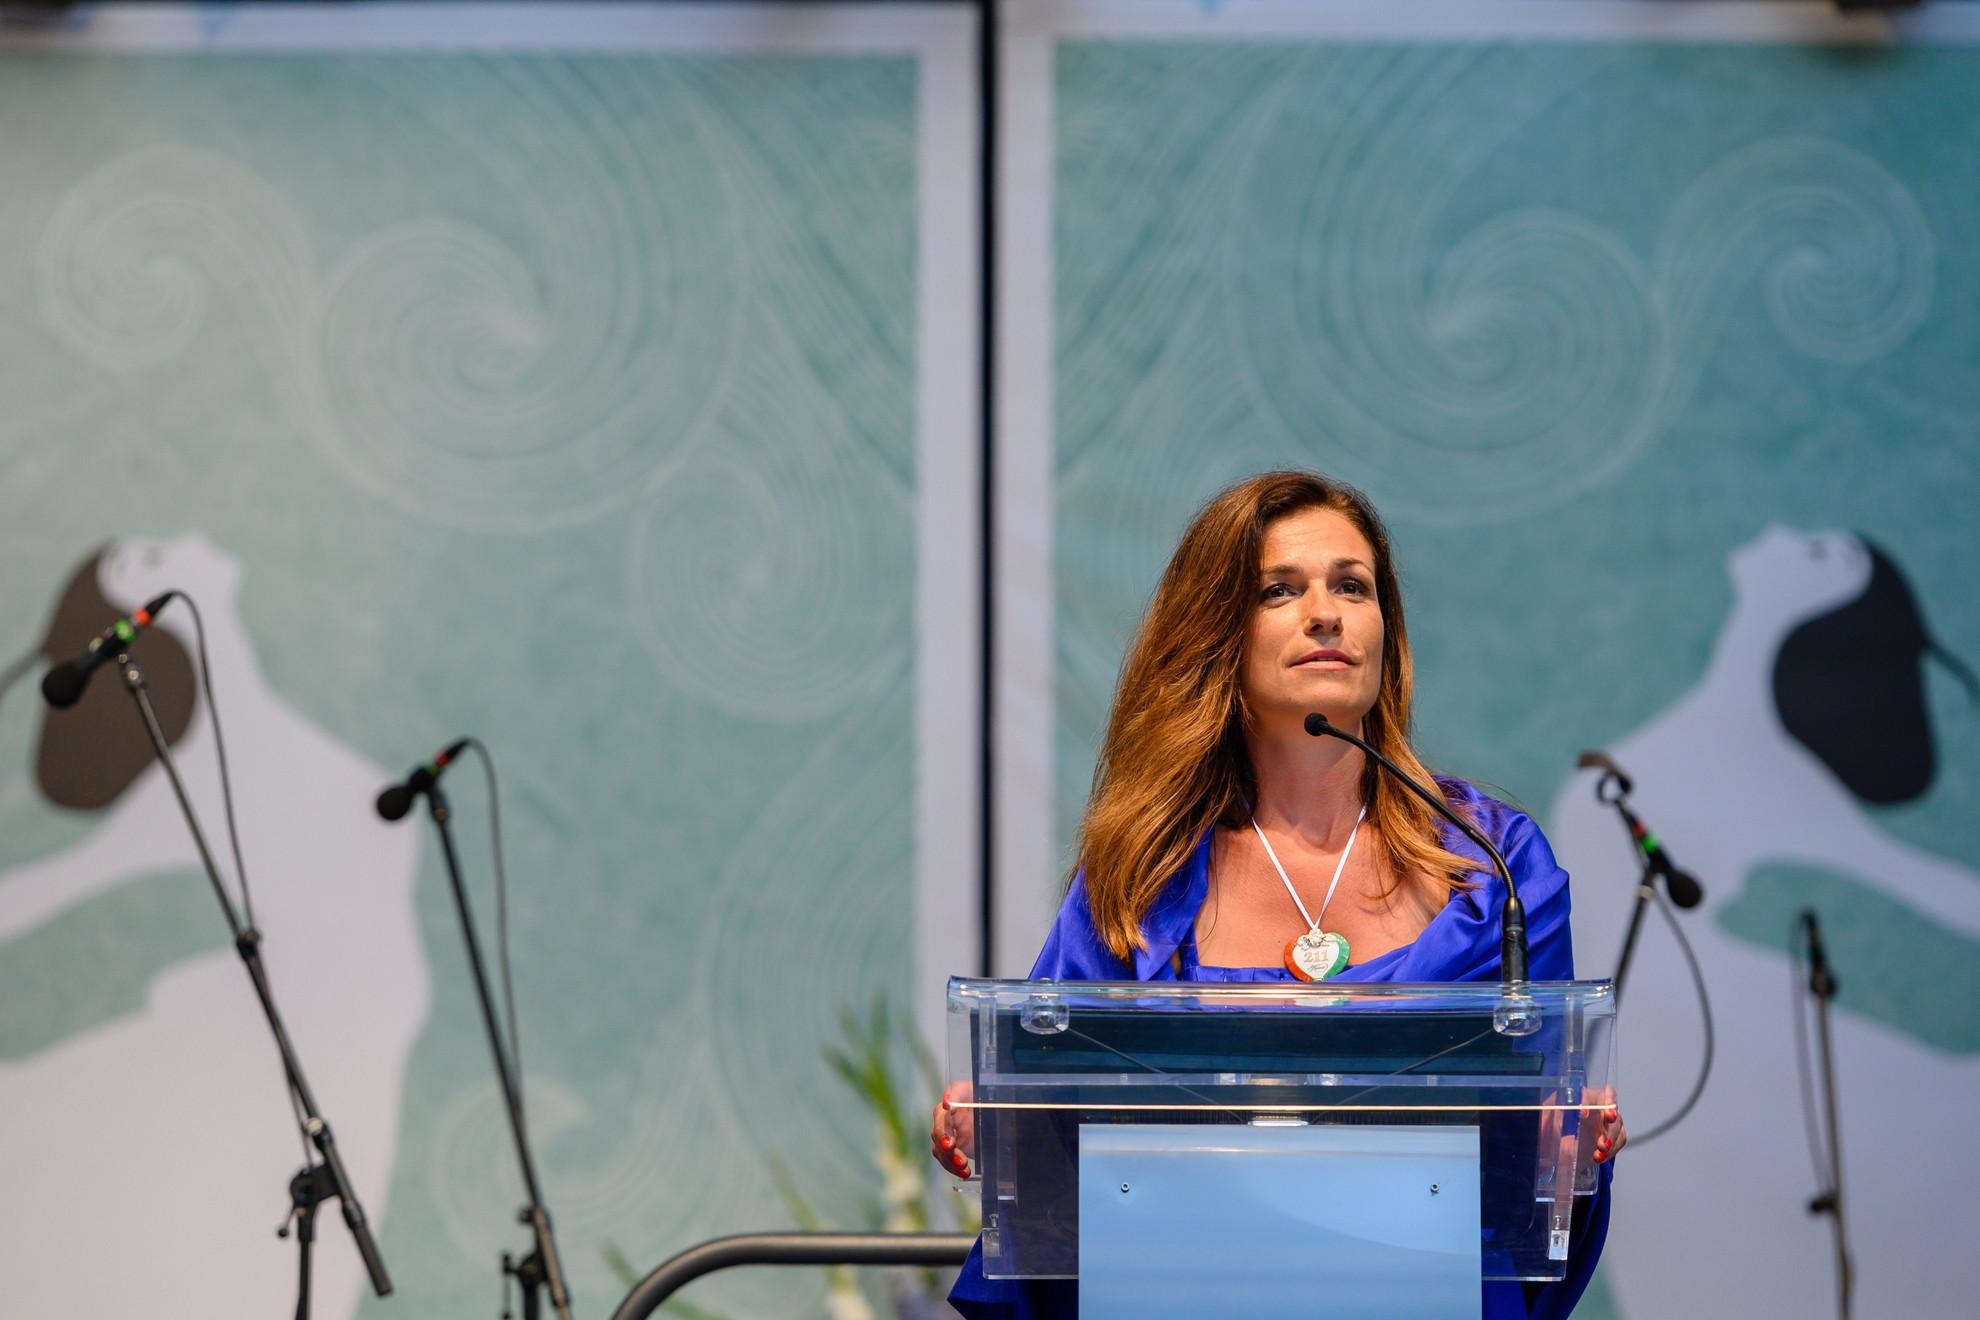 Varga Judit igazságügyi miniszter beszédet mond a 196. Anna-bál megnyitóján a balatonfüredi Anna Grand Hotel parkjában 2021. július 31-én